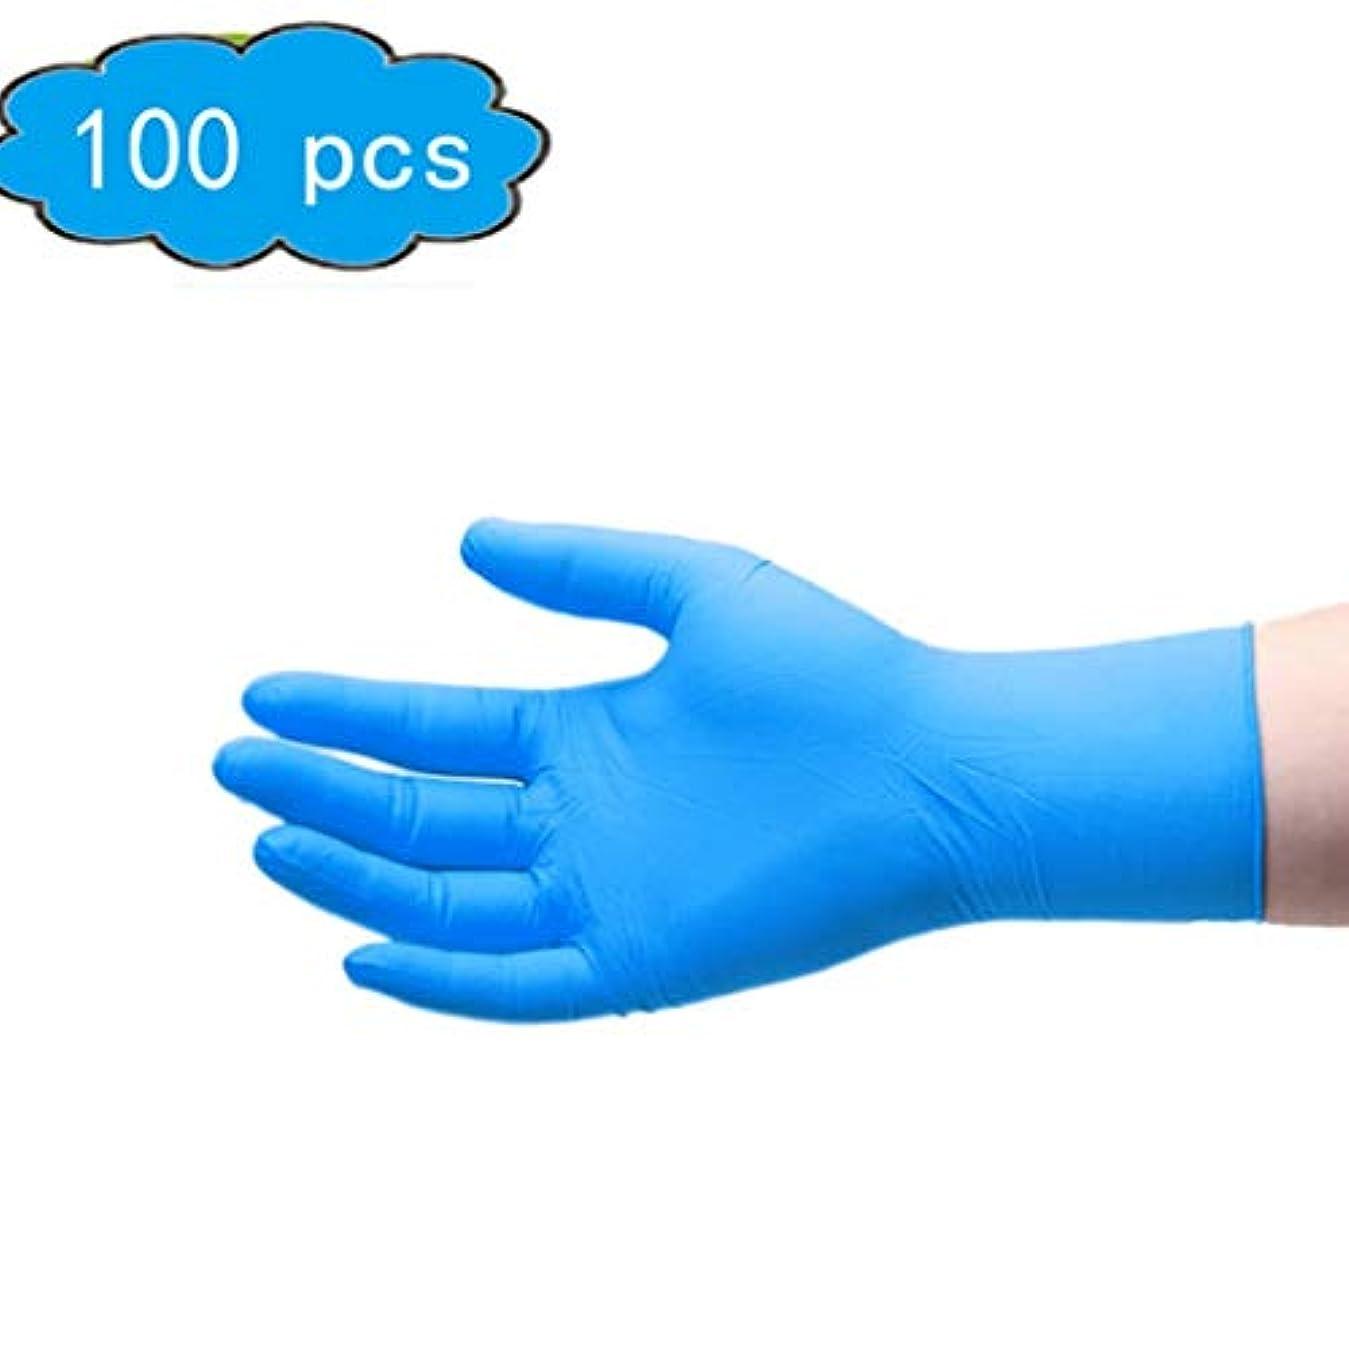 芽だらしない一時的使い捨てニトリル試験手袋、5 Mil、医療グレード、ラテックスフリー、パウダーフリー、食品安全(100個入り)、ラボ、安全&作業用手袋、家庭用品 (Color : Blue, Size : XS)